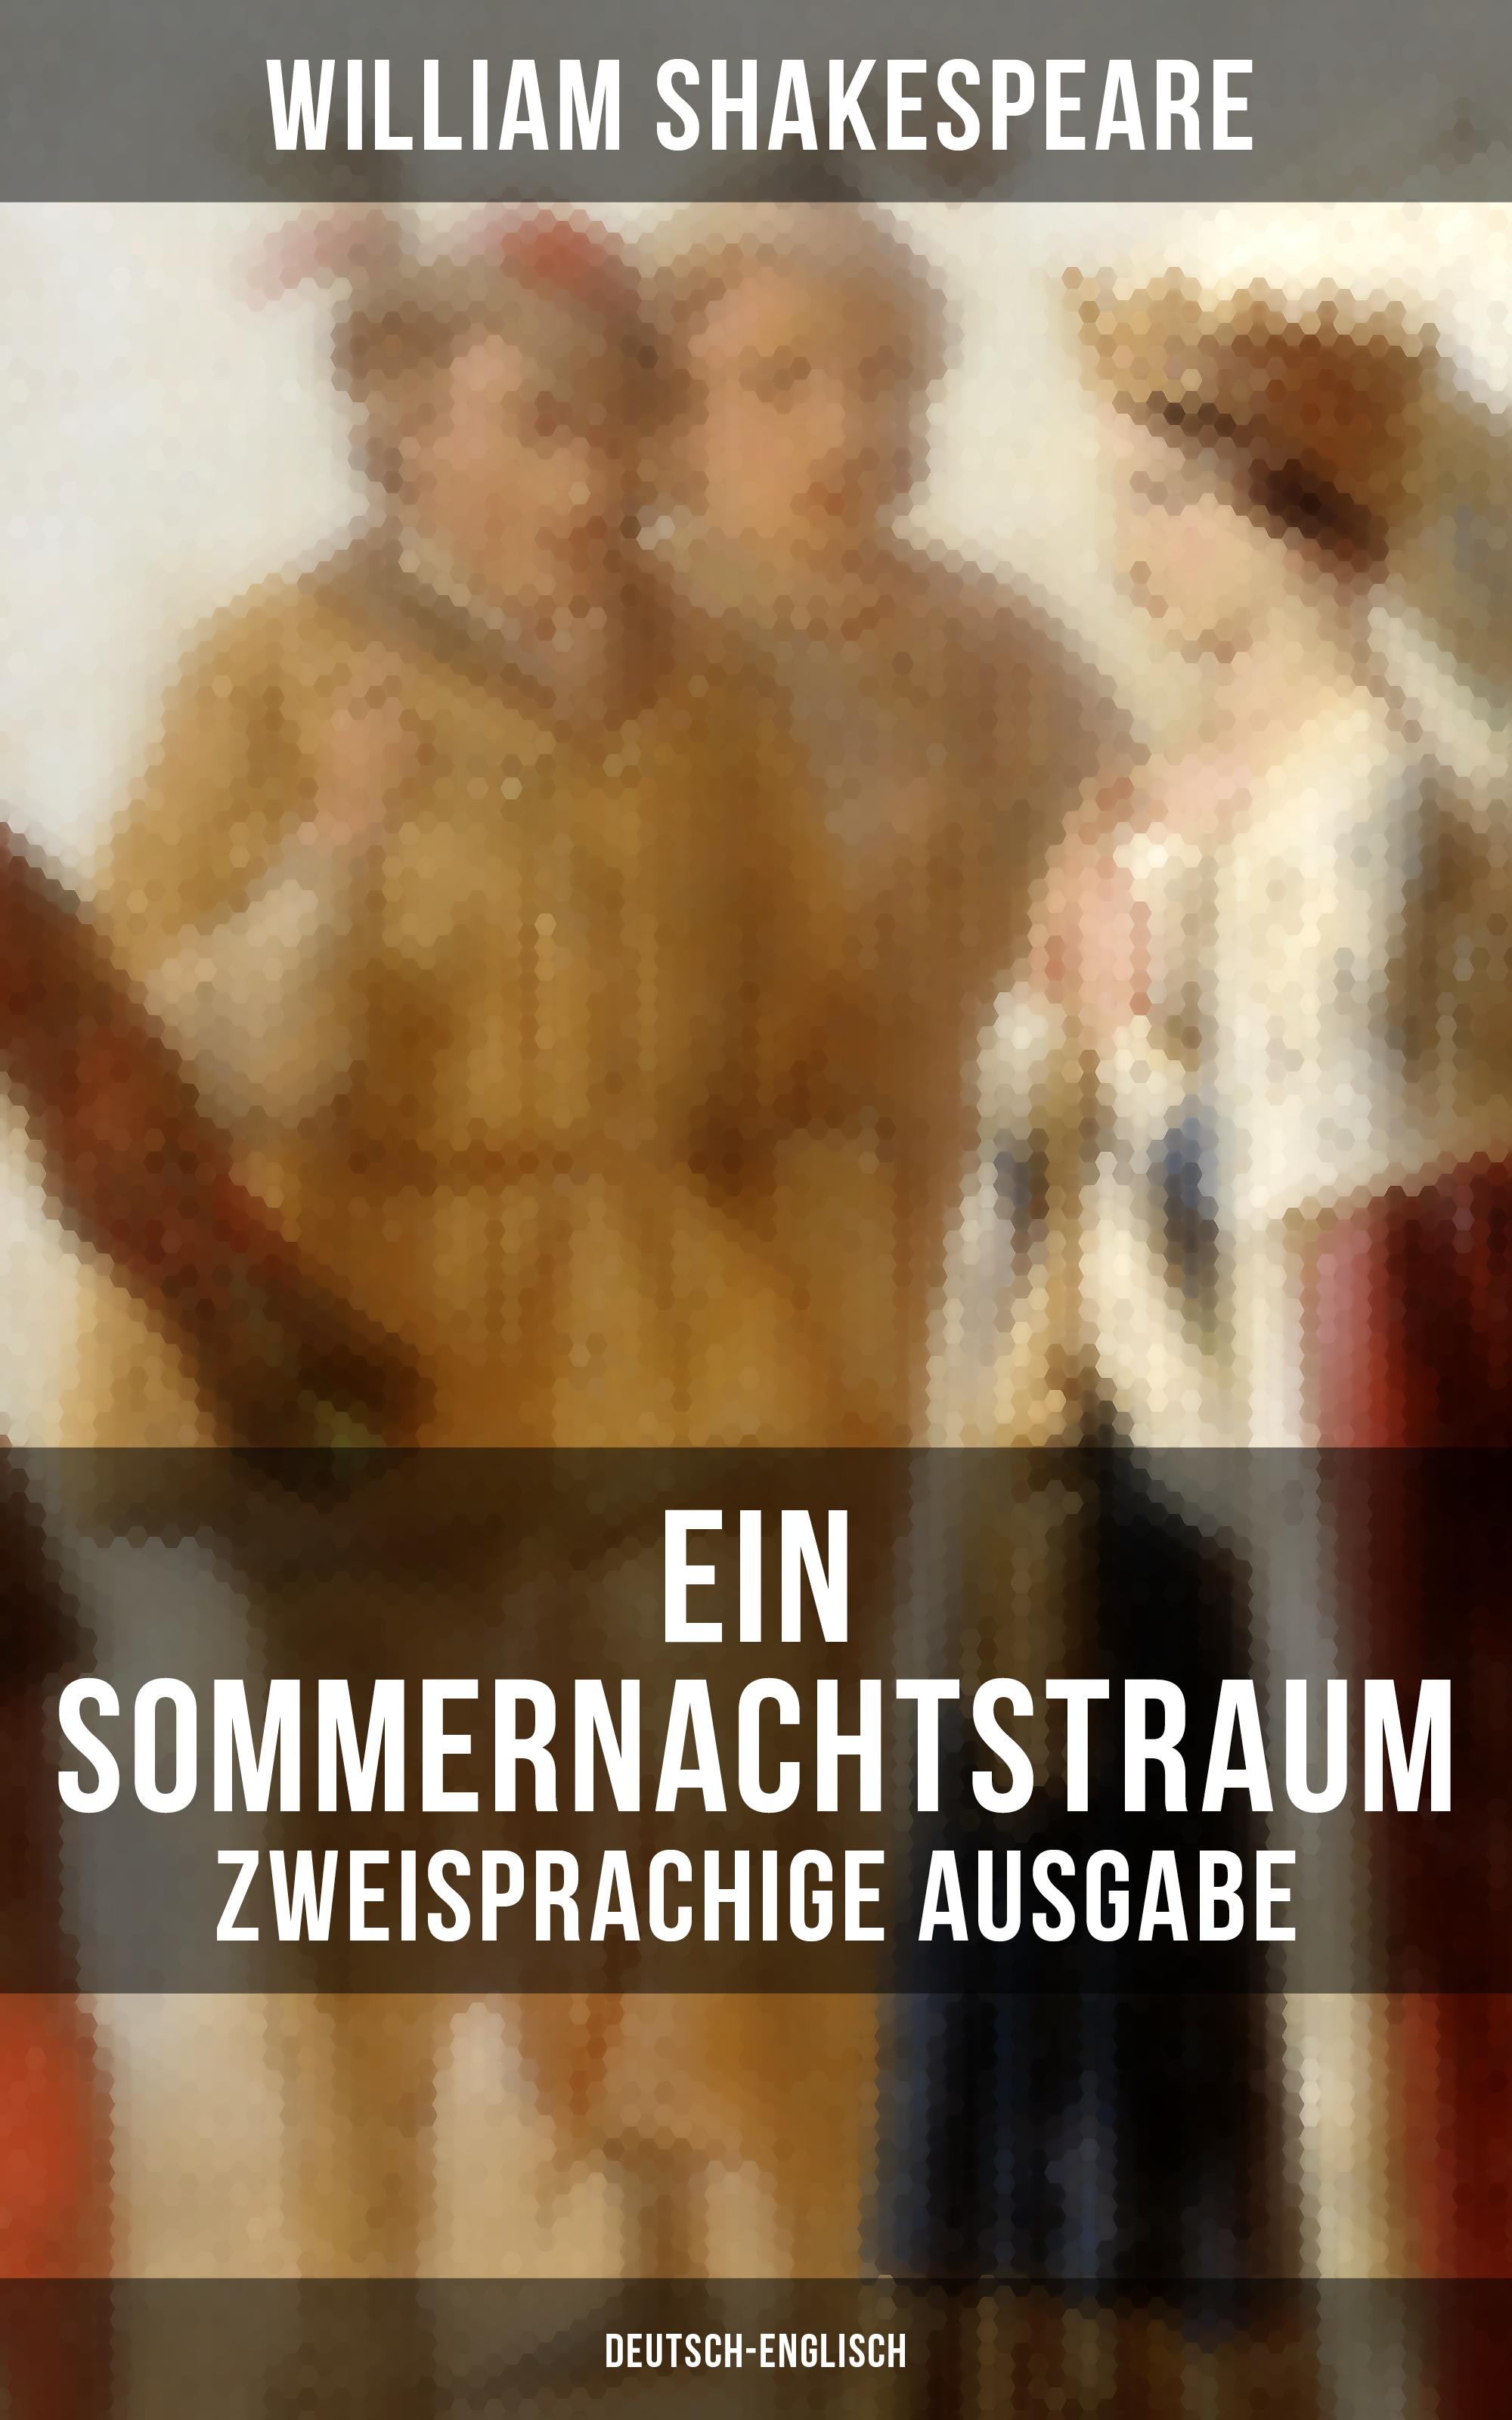 цены William Shakespeare Ein Sommernachtstraum (Zweisprachige Ausgabe: Deutsch-Englisch)